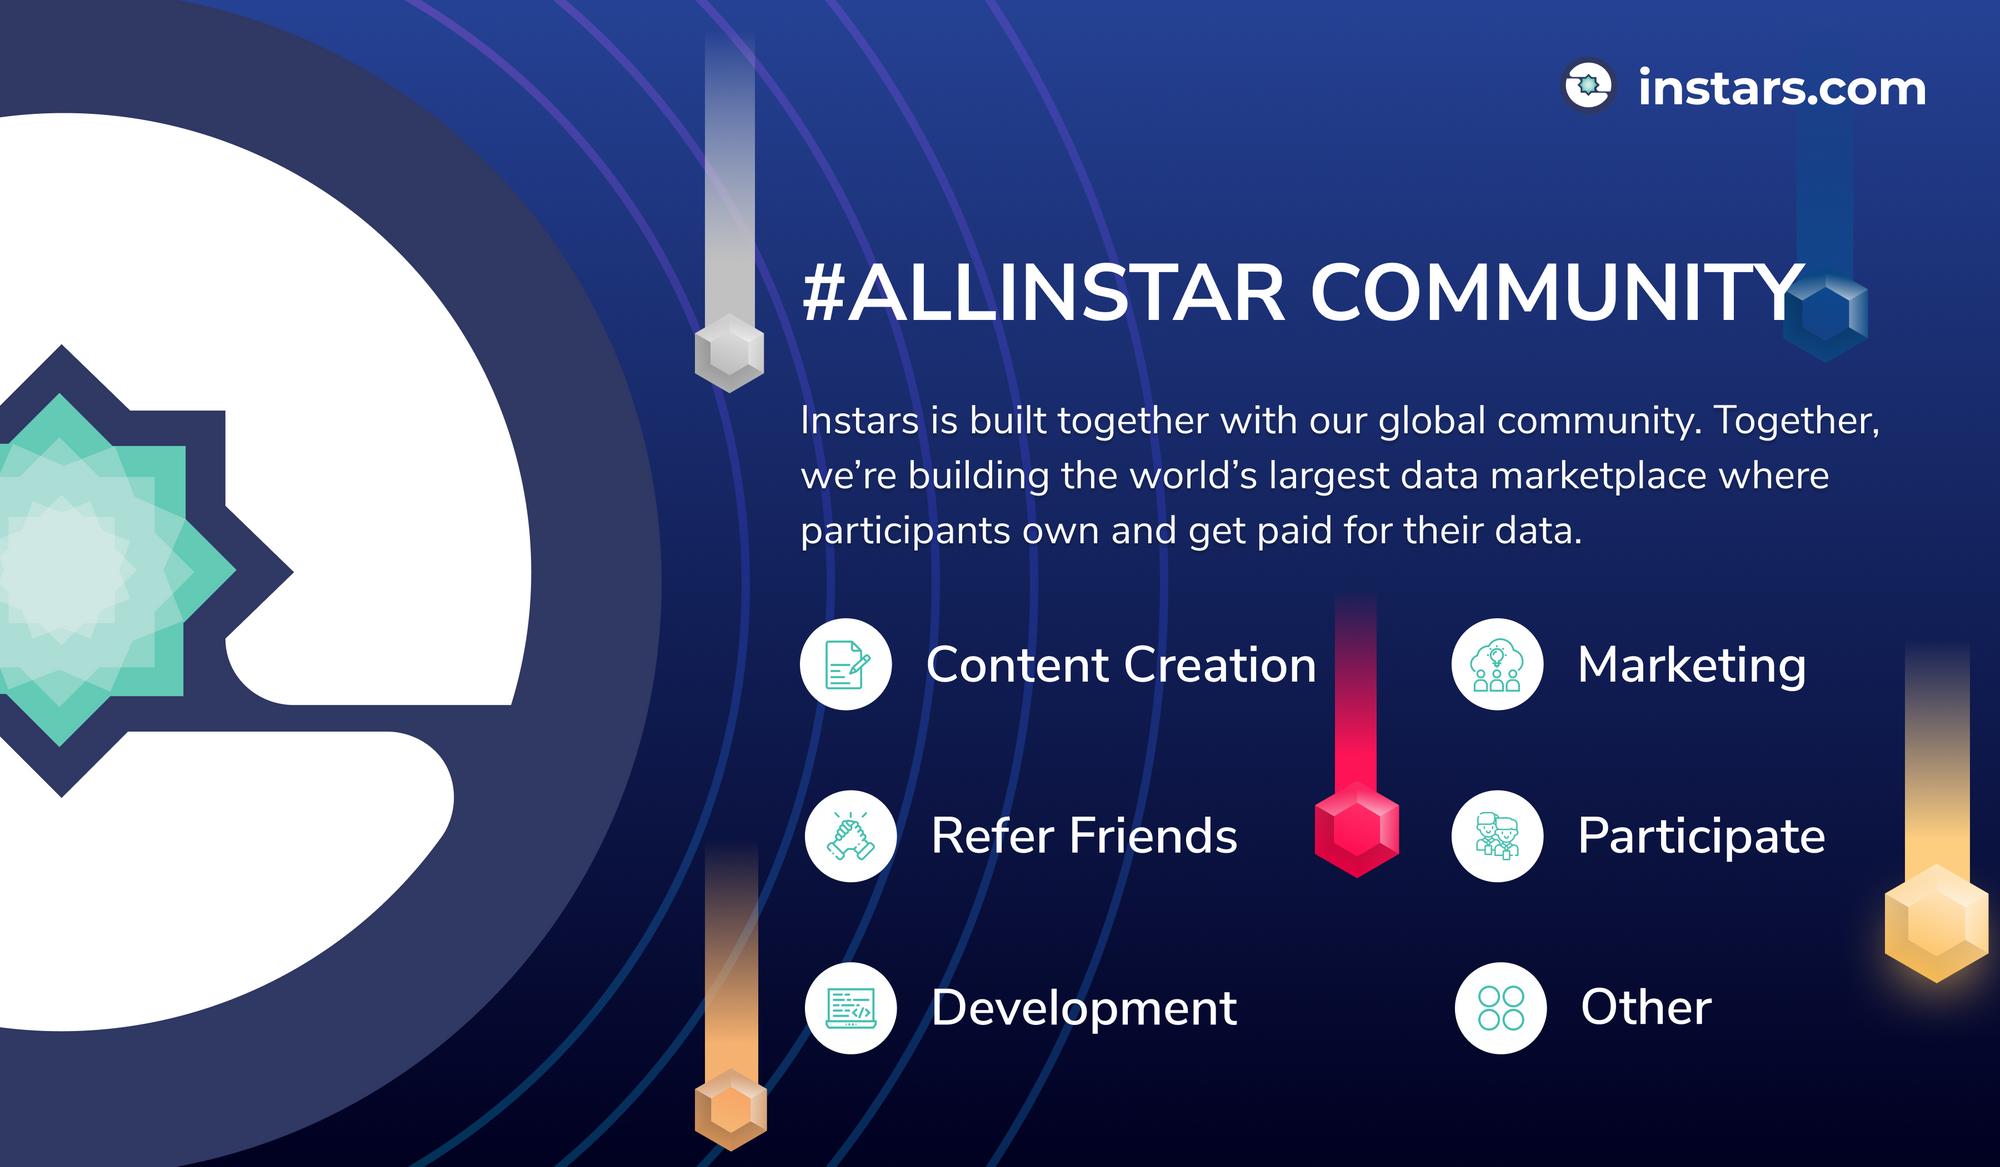 #ALLINSTAR COMMUNITY 💫